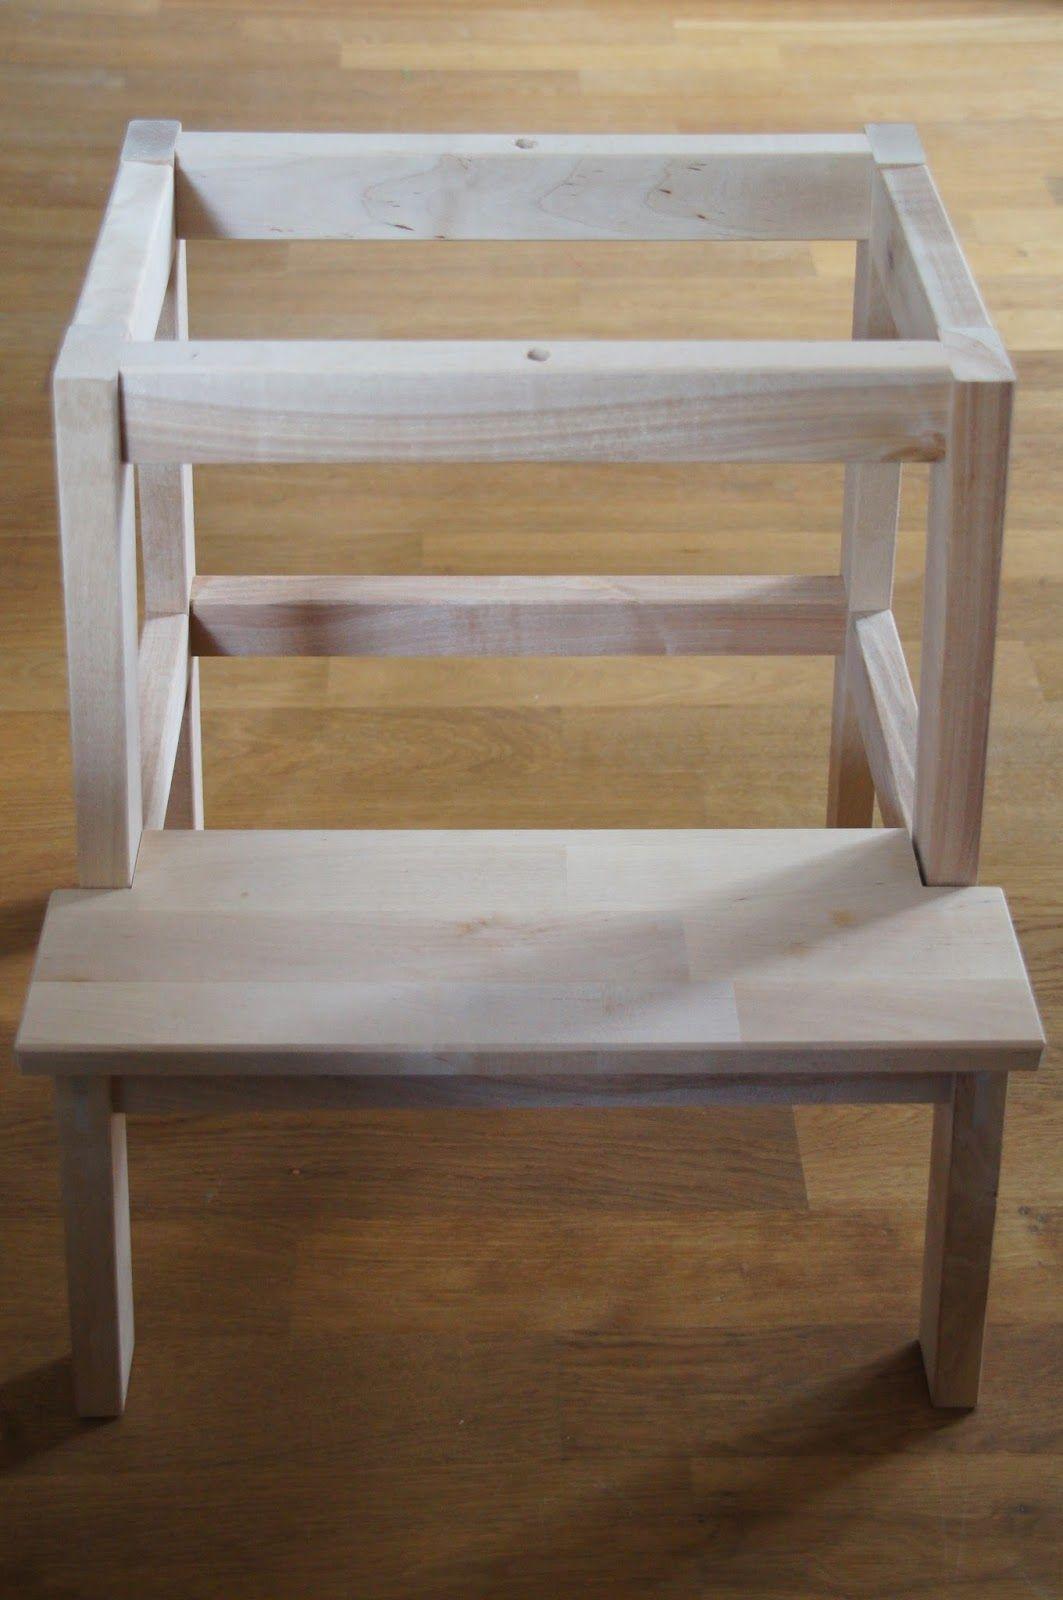 Ikea Hocker glücksflügel bauanleitung für einen learning tower lernturm aus